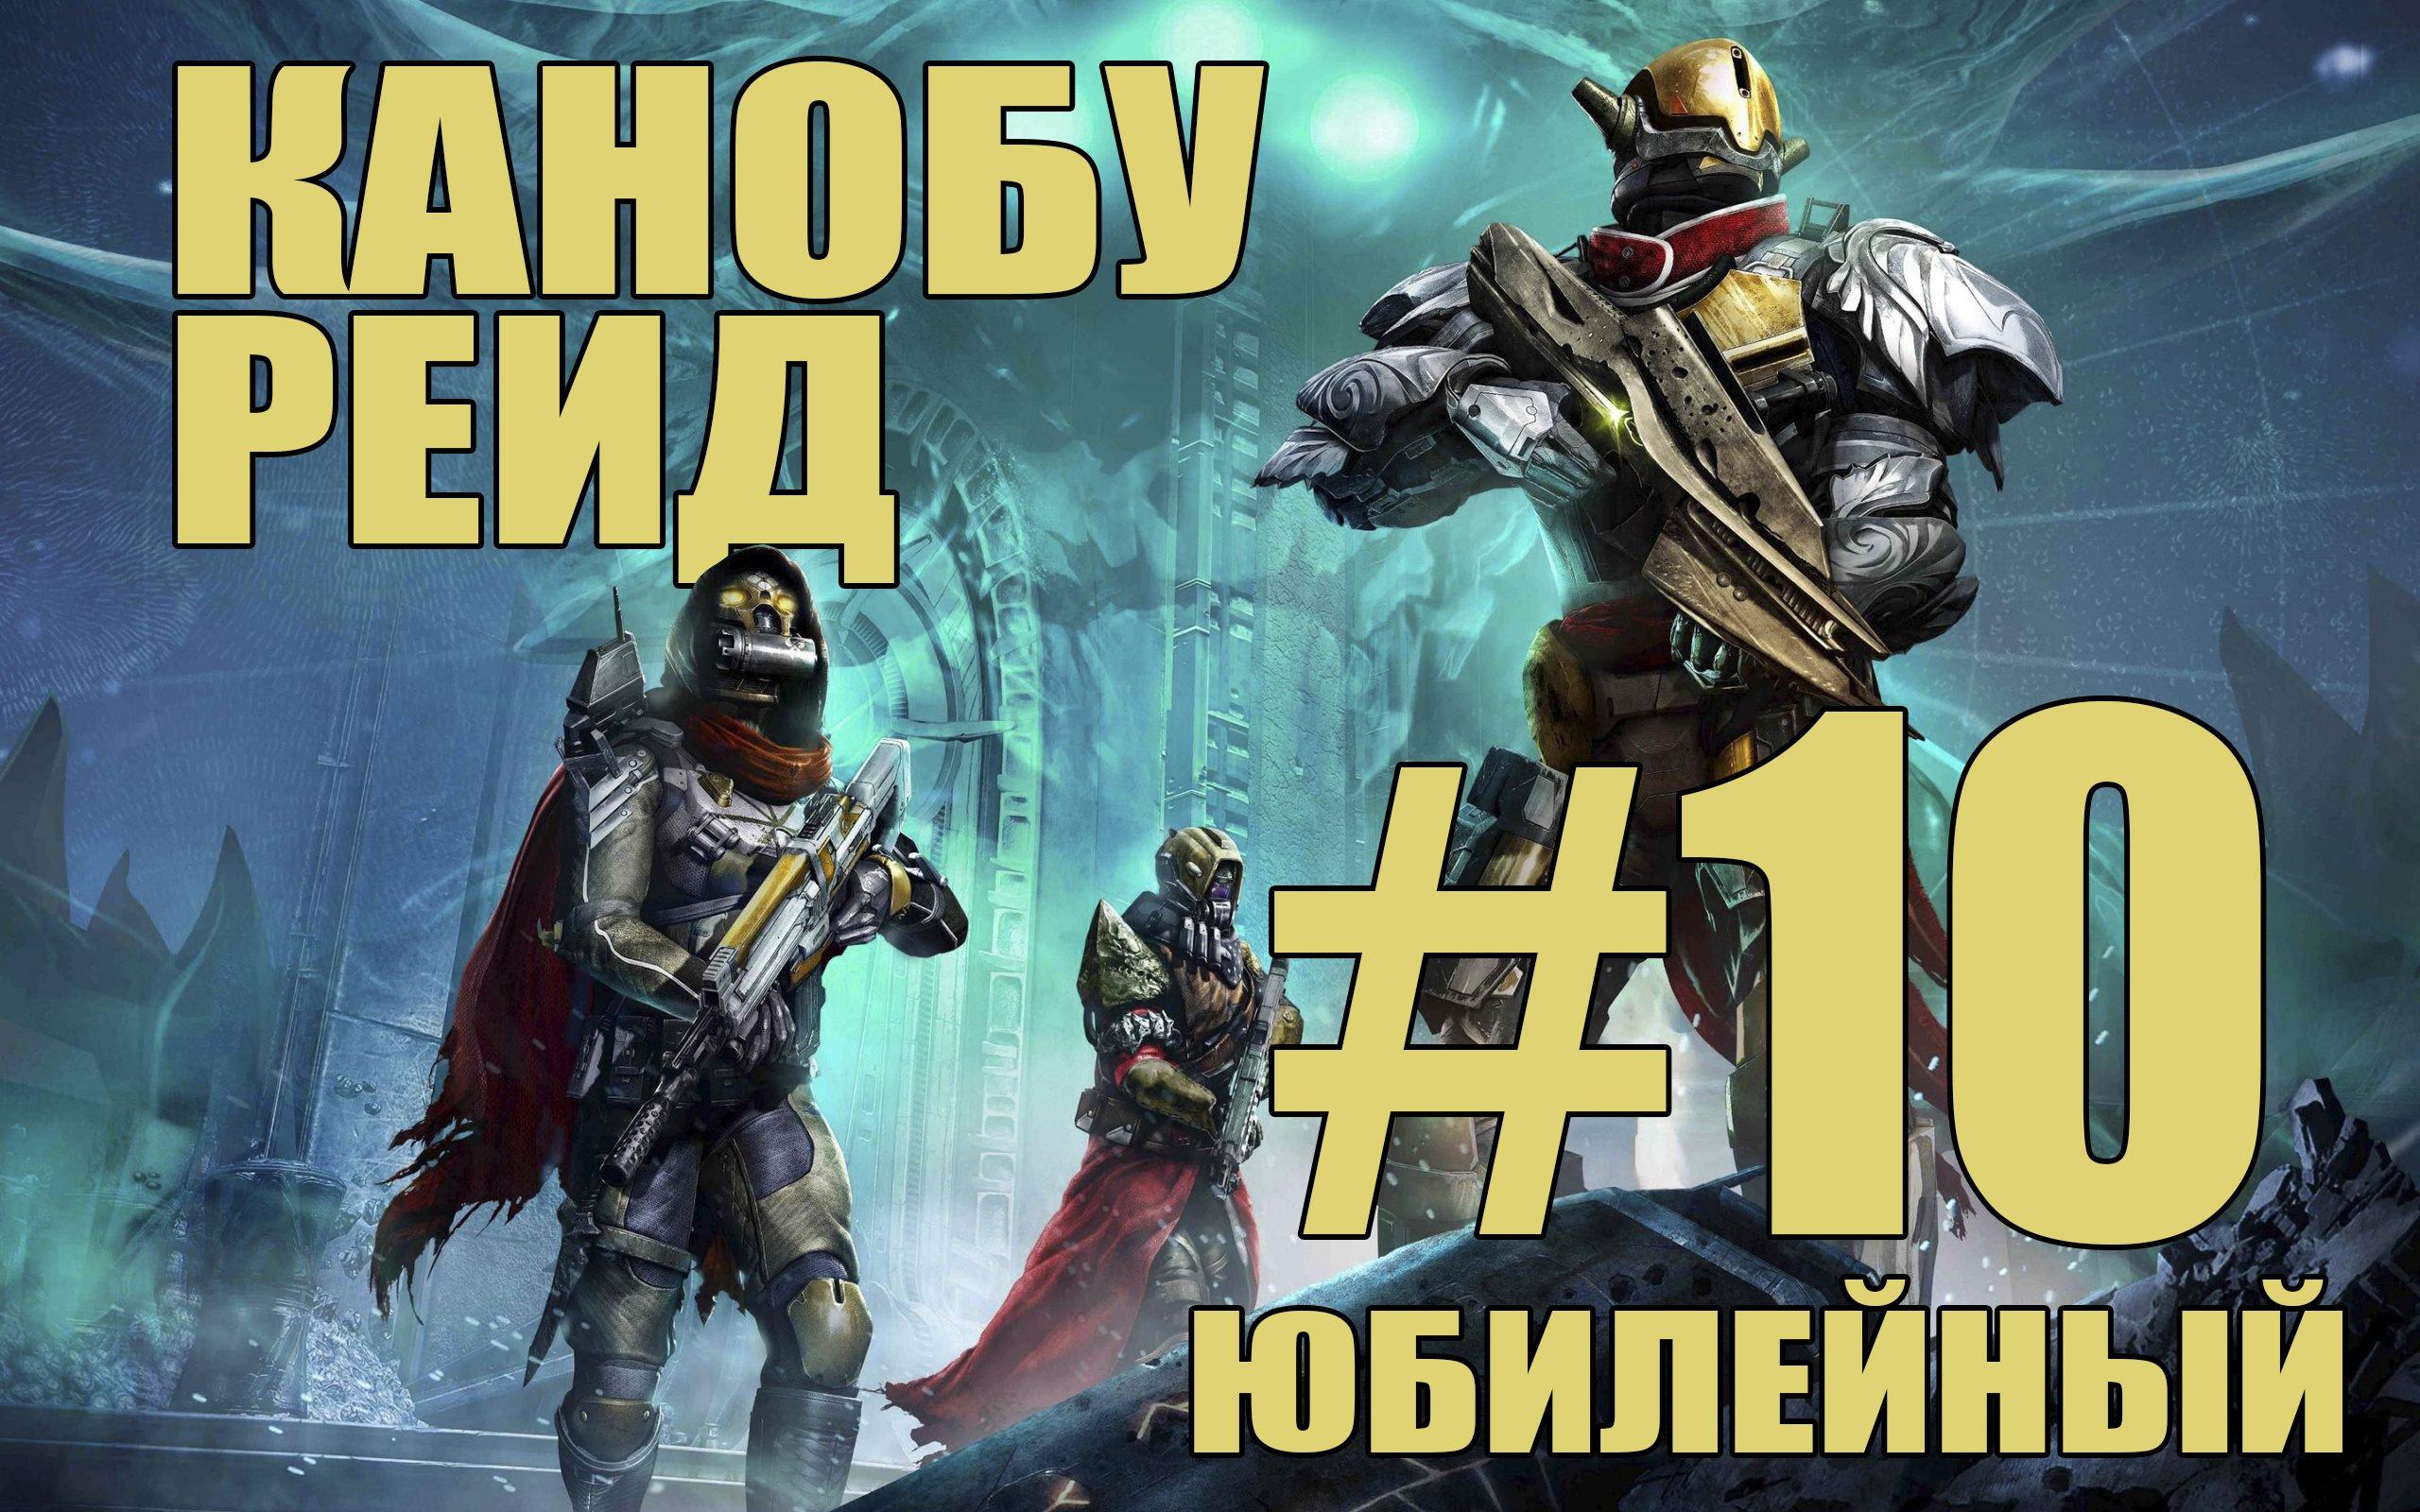 Канобу Рейд #10 - Юбилейный. - Изображение 1